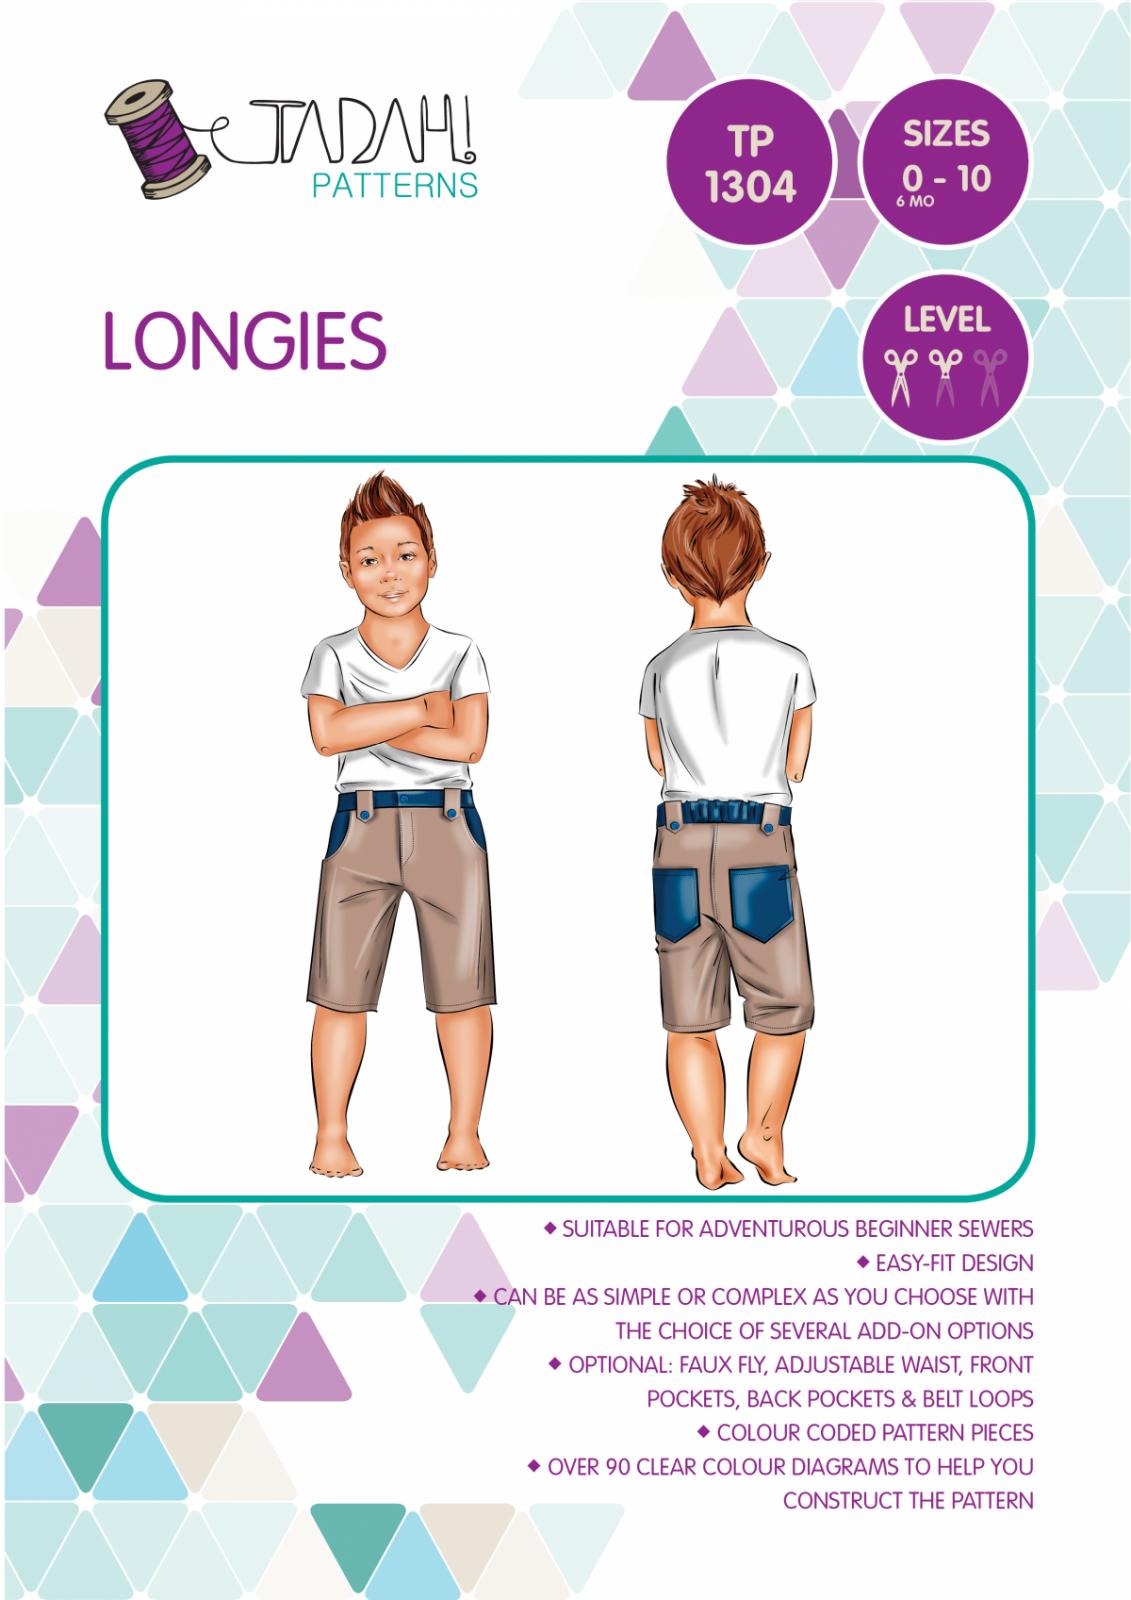 Tadah Long shorts Longies